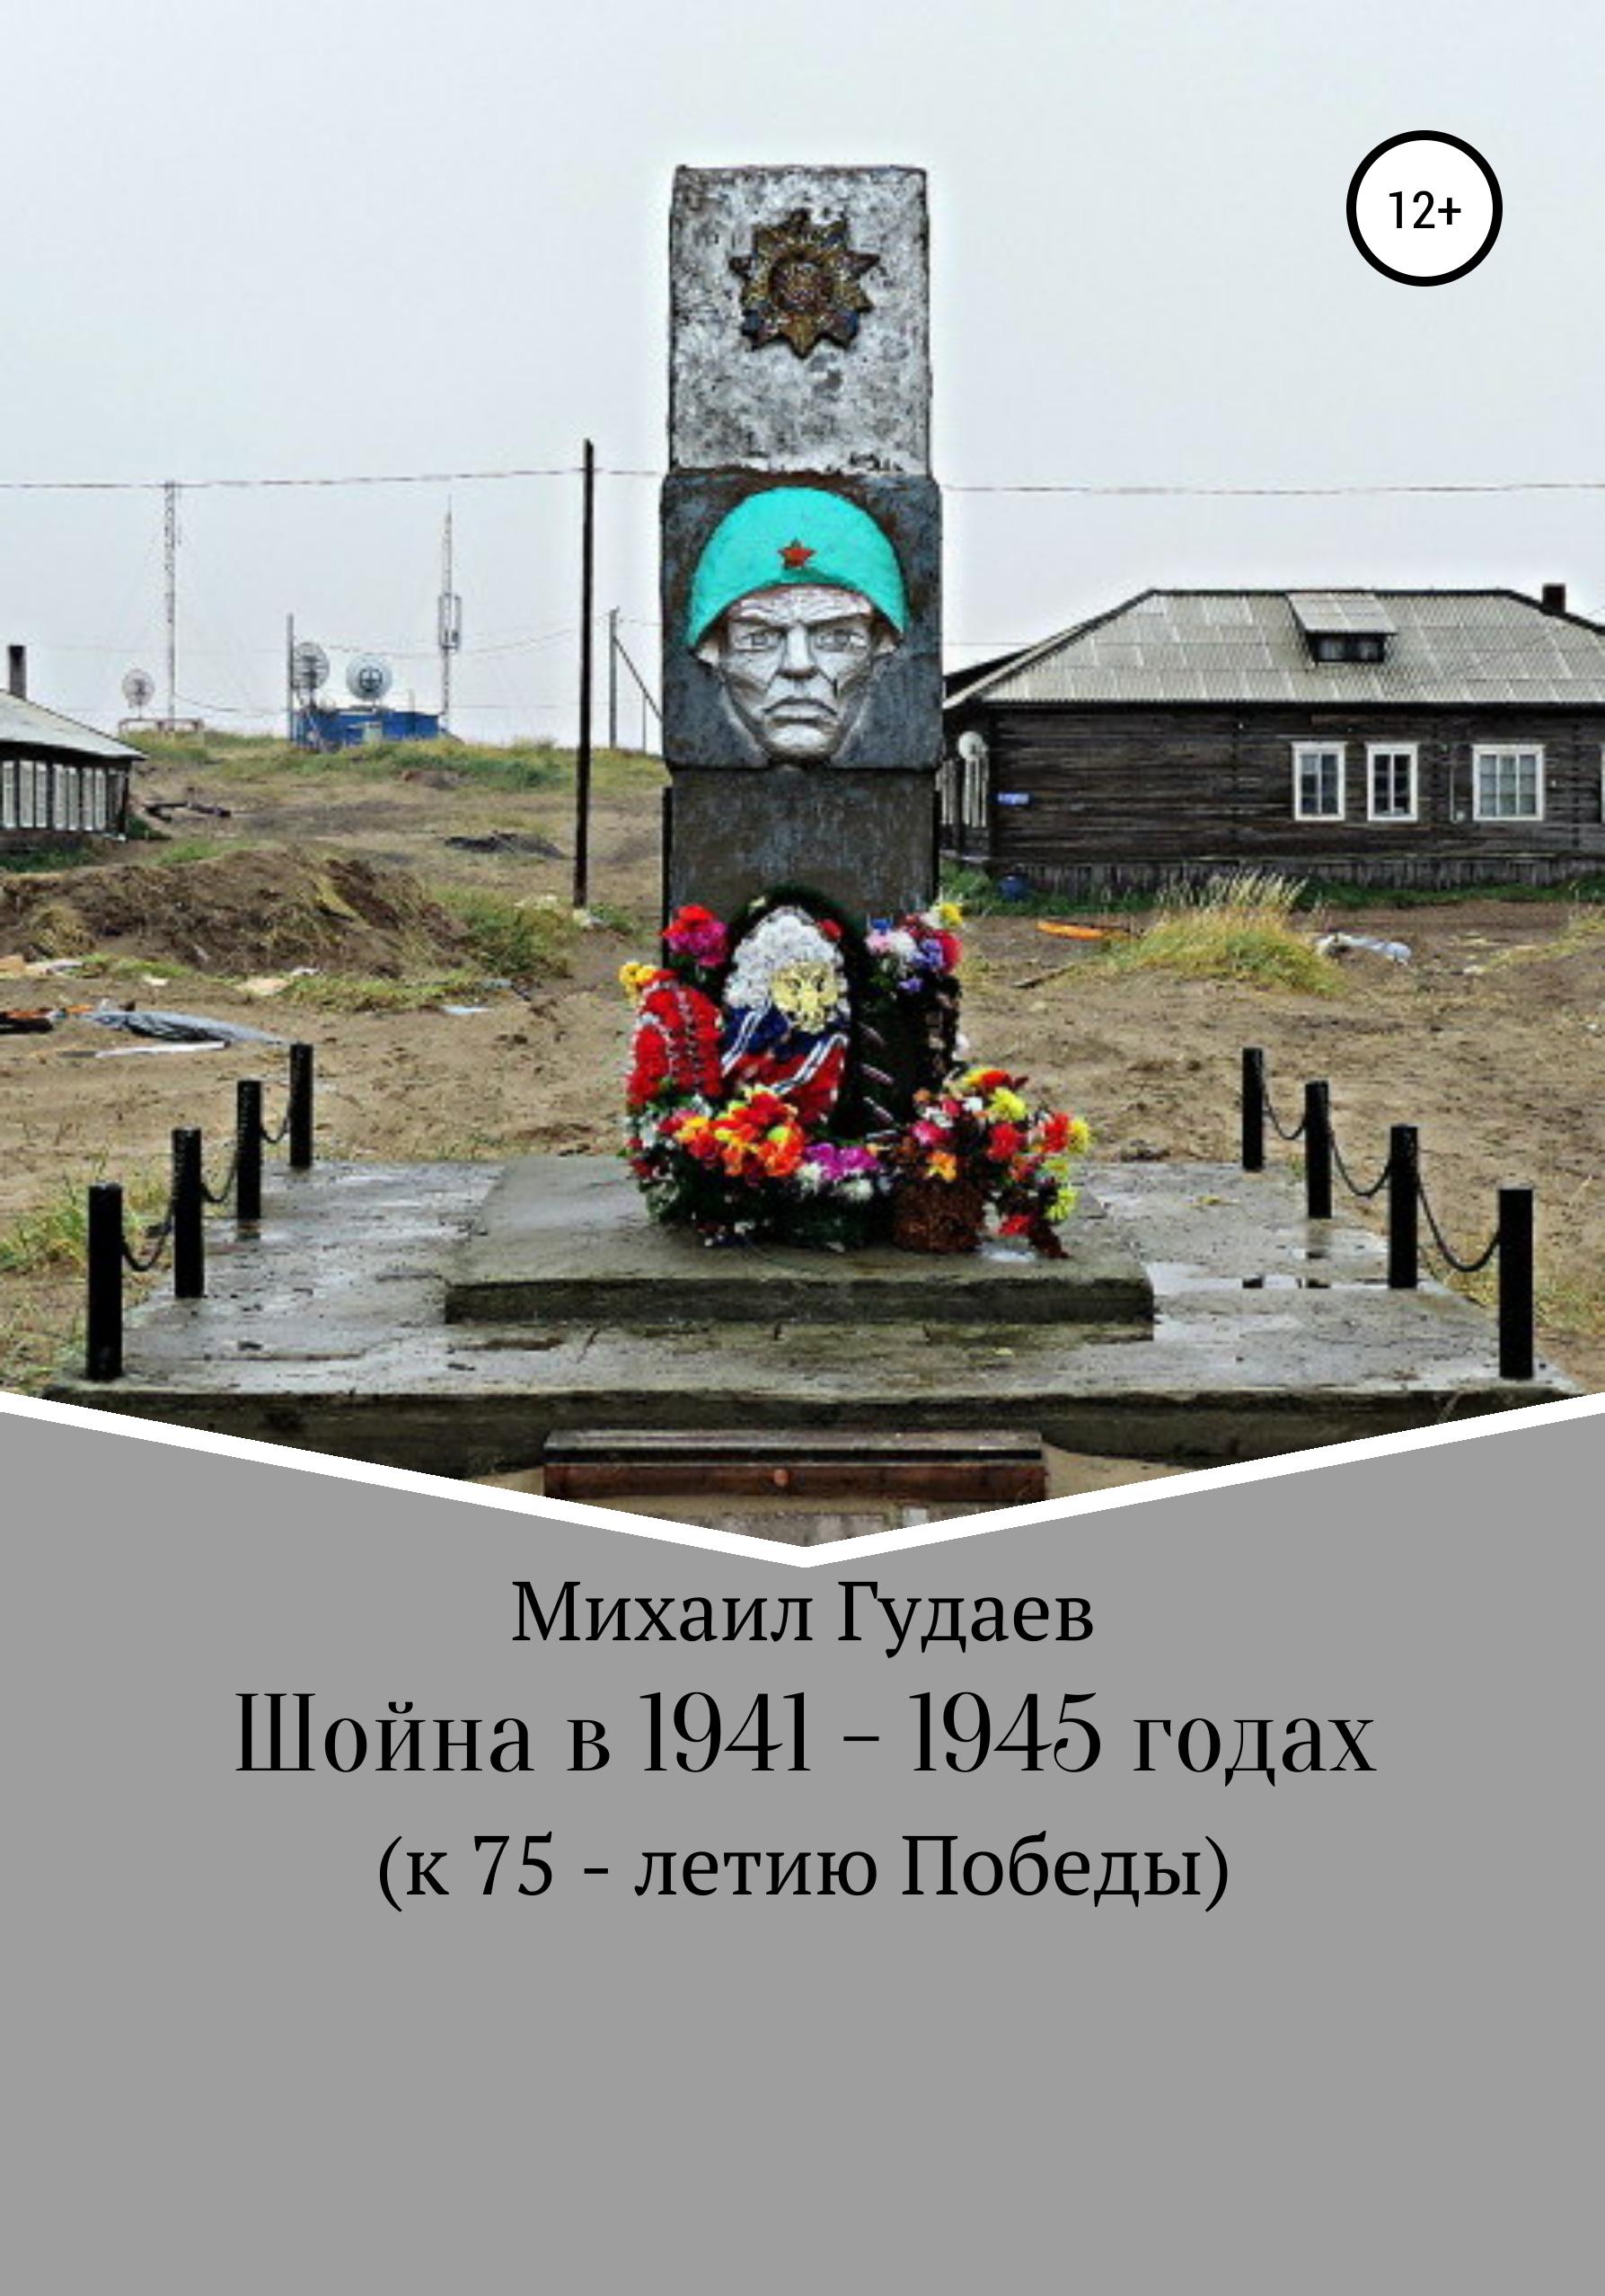 Михаил Васильевич Гудаев Шойна 1941 – 1945 годы максим кисляков раскаленная броня танкисты 1941 года